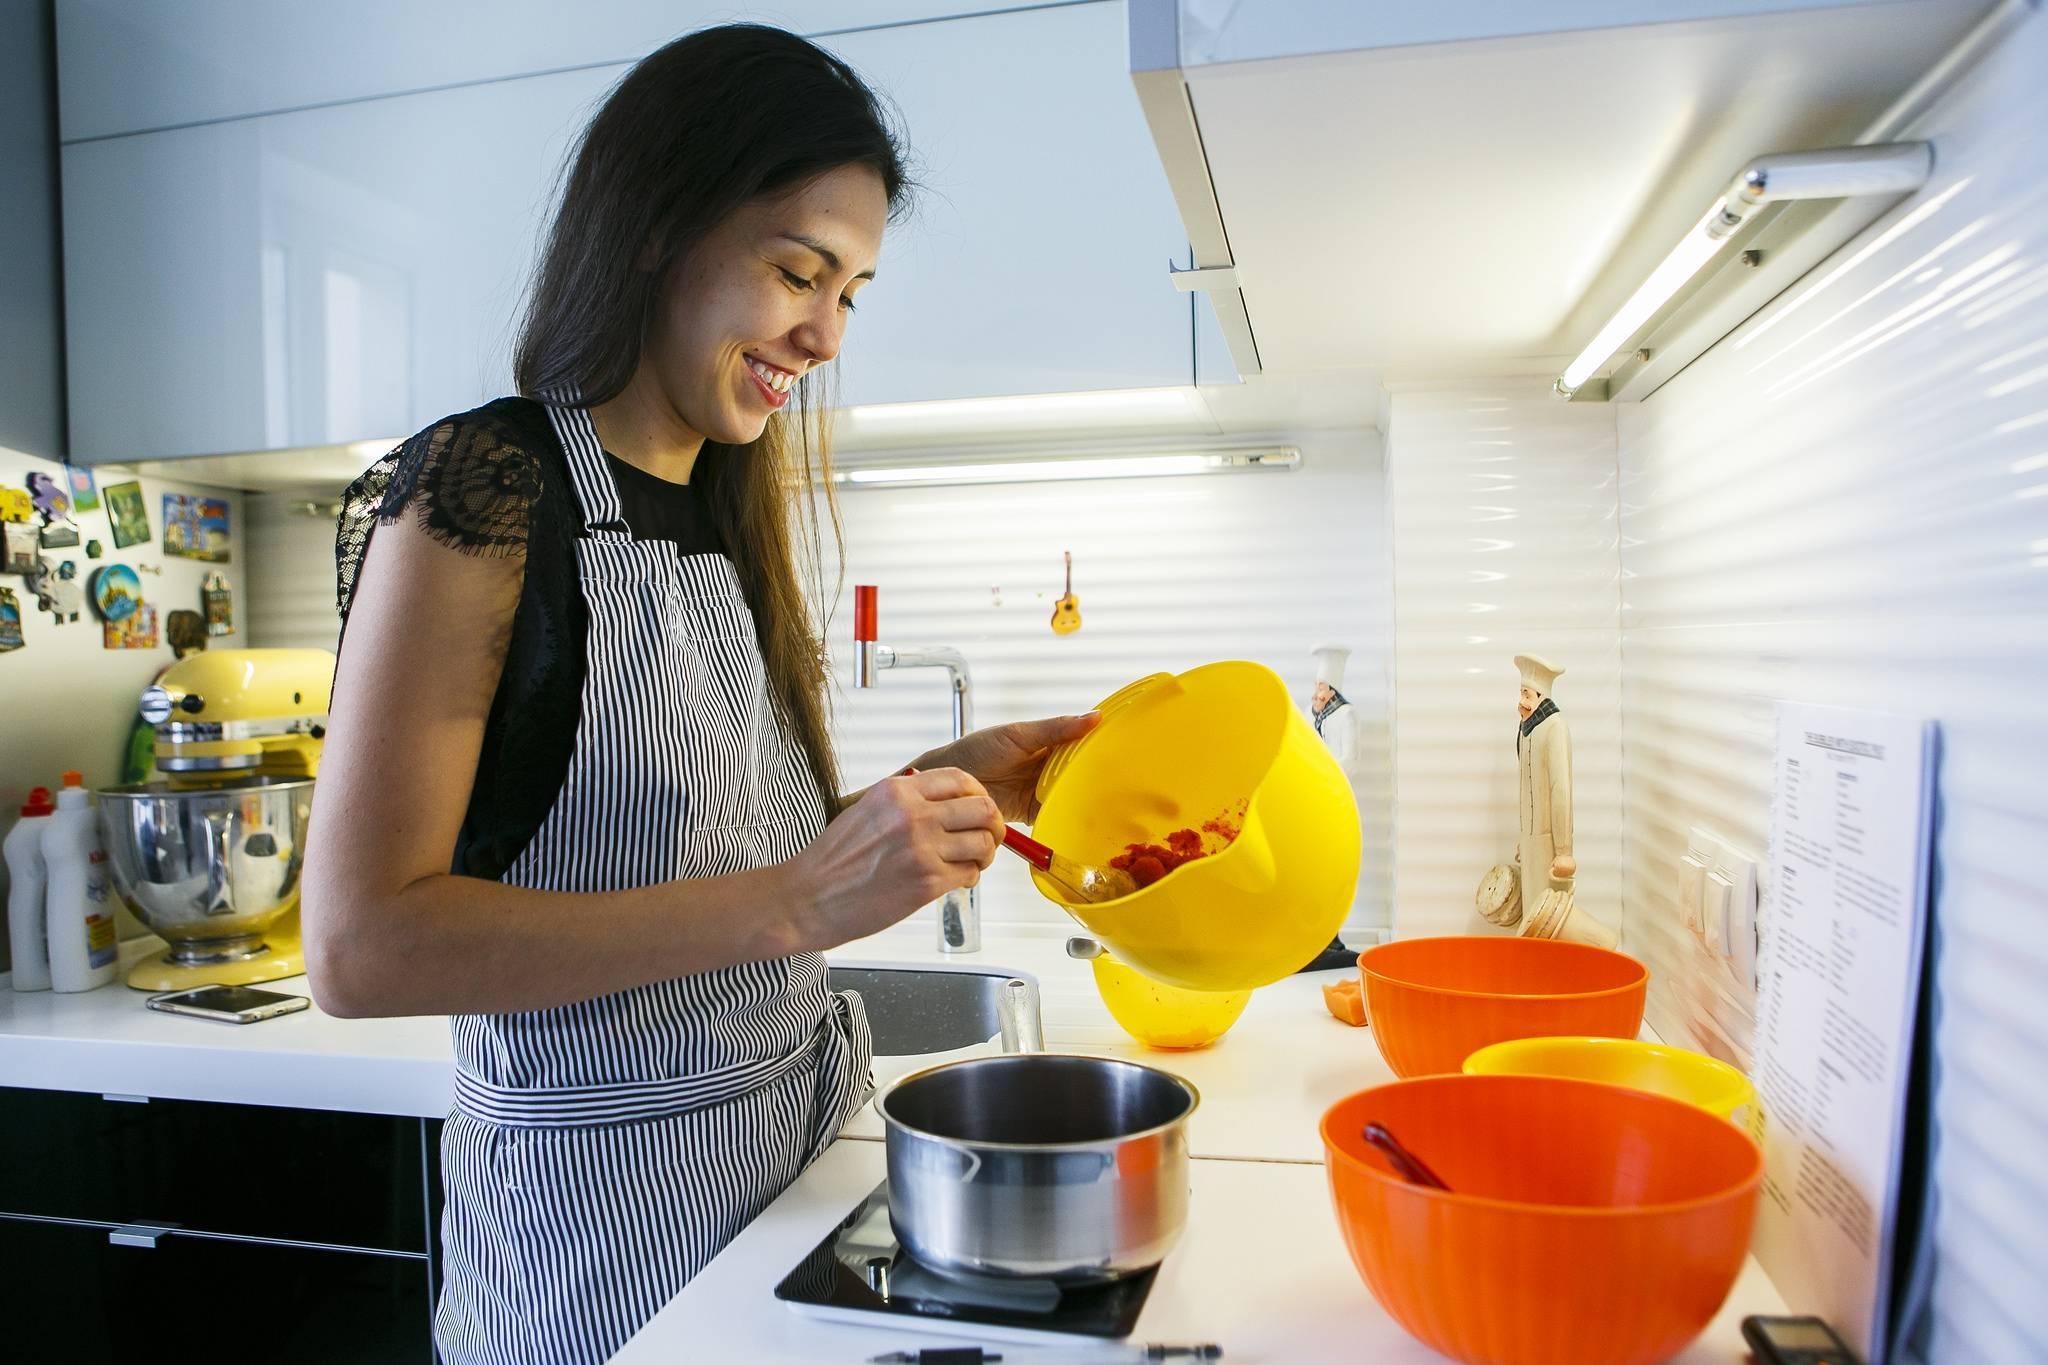 Силиконовая 3d форма из китая — использование в кулинарии, цена, видео